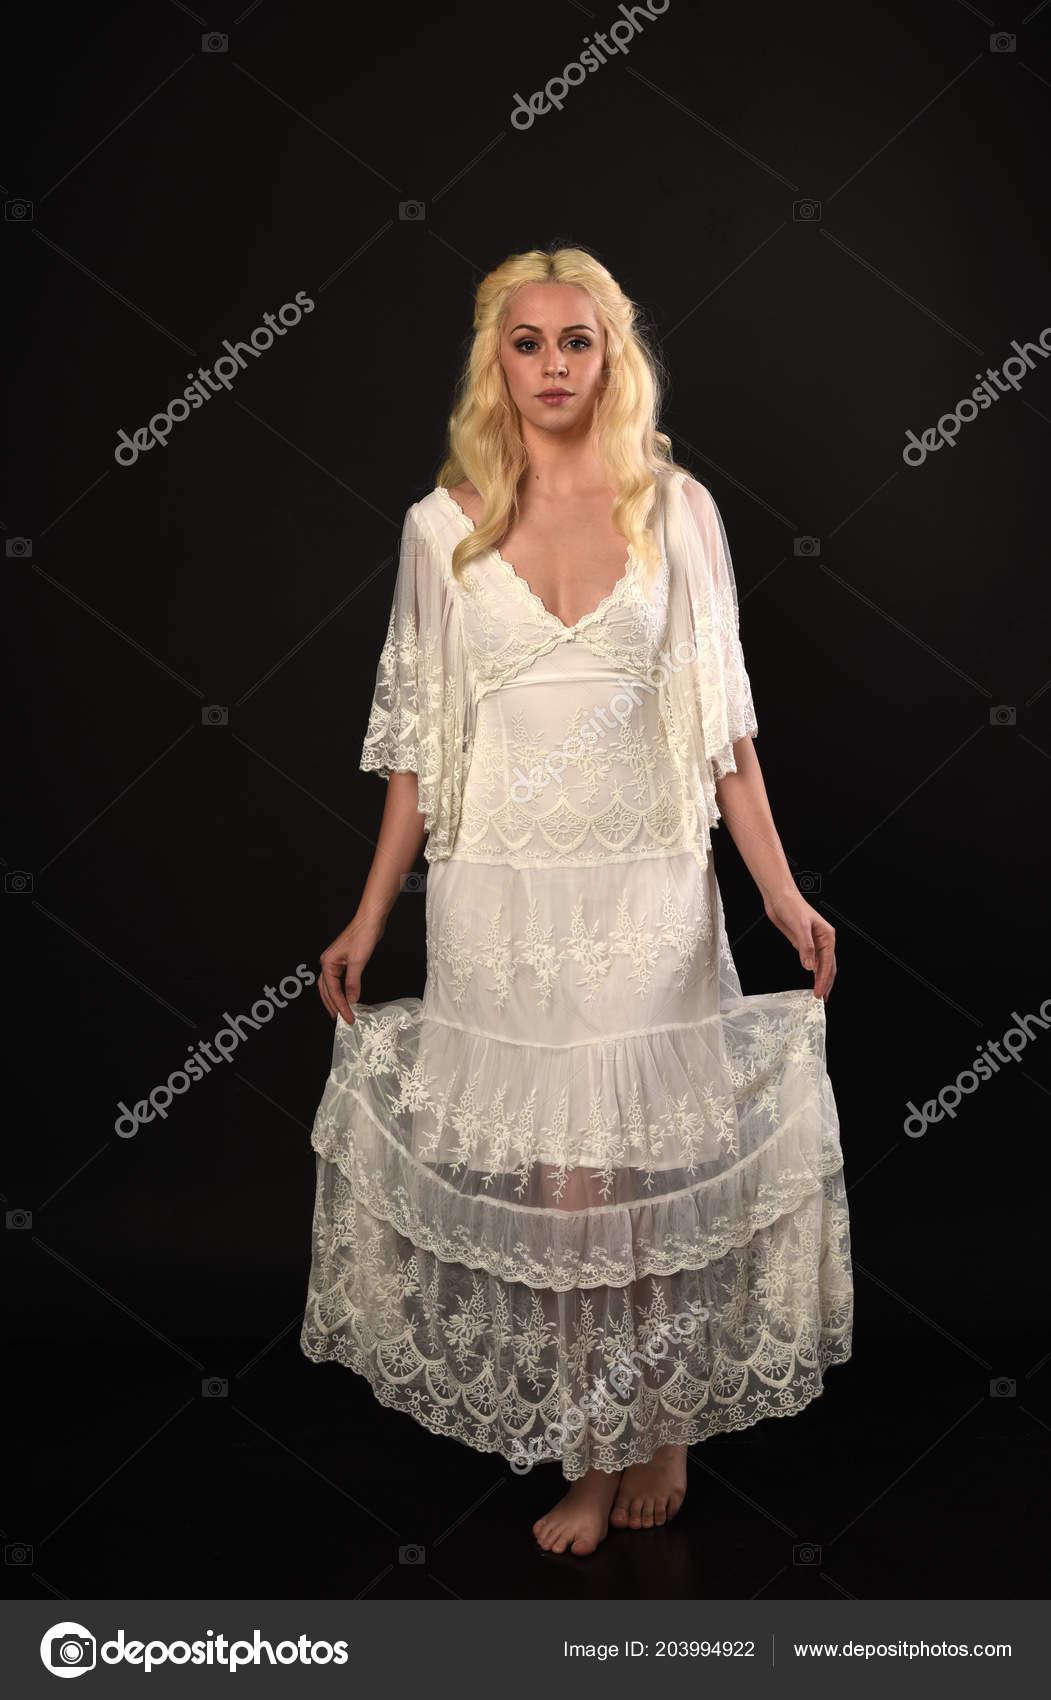 35bd575c2283 Ritratto integrale della ragazza bionda che porta vestito di pizzo bianco.  in piedi posa. sfondo nero studio– immagine stock